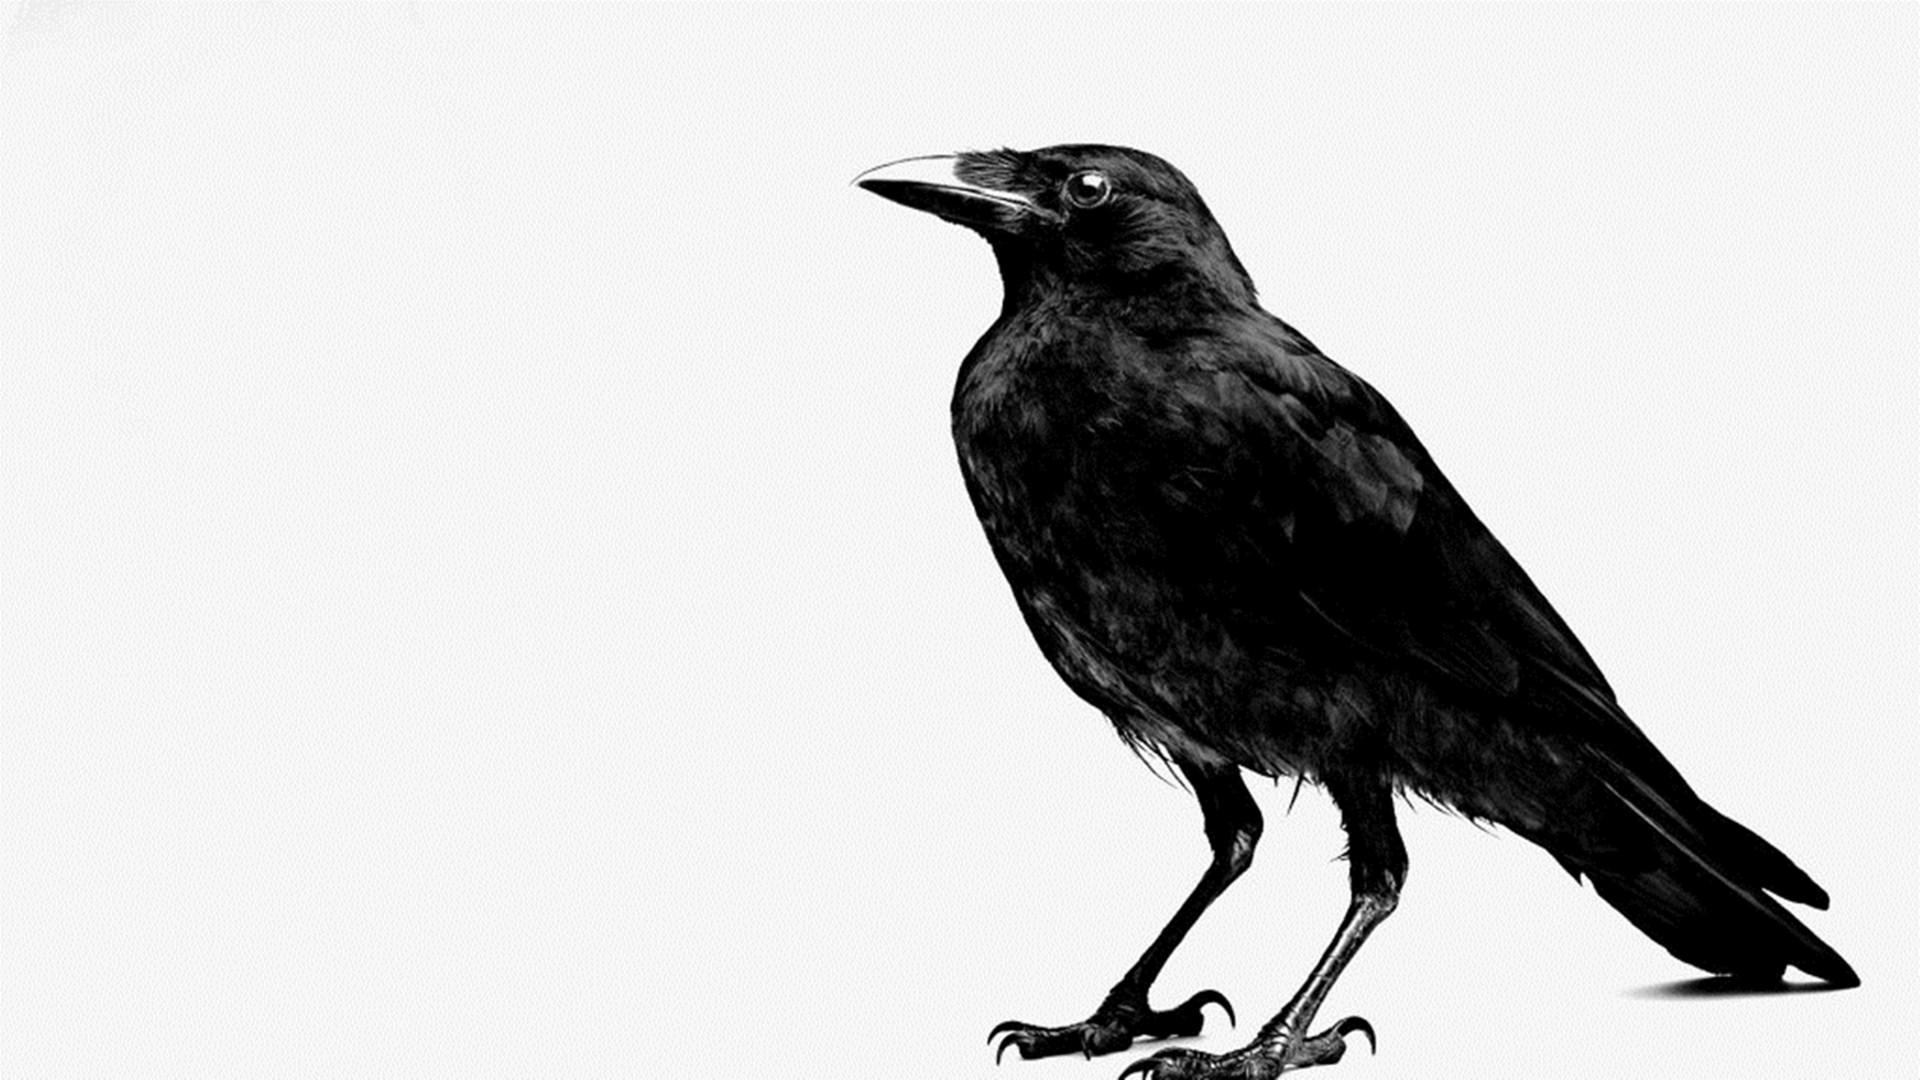 Black Crow Wallpaper Wallpapersafari HD Wallpapers Download Free Images Wallpaper [1000image.com]